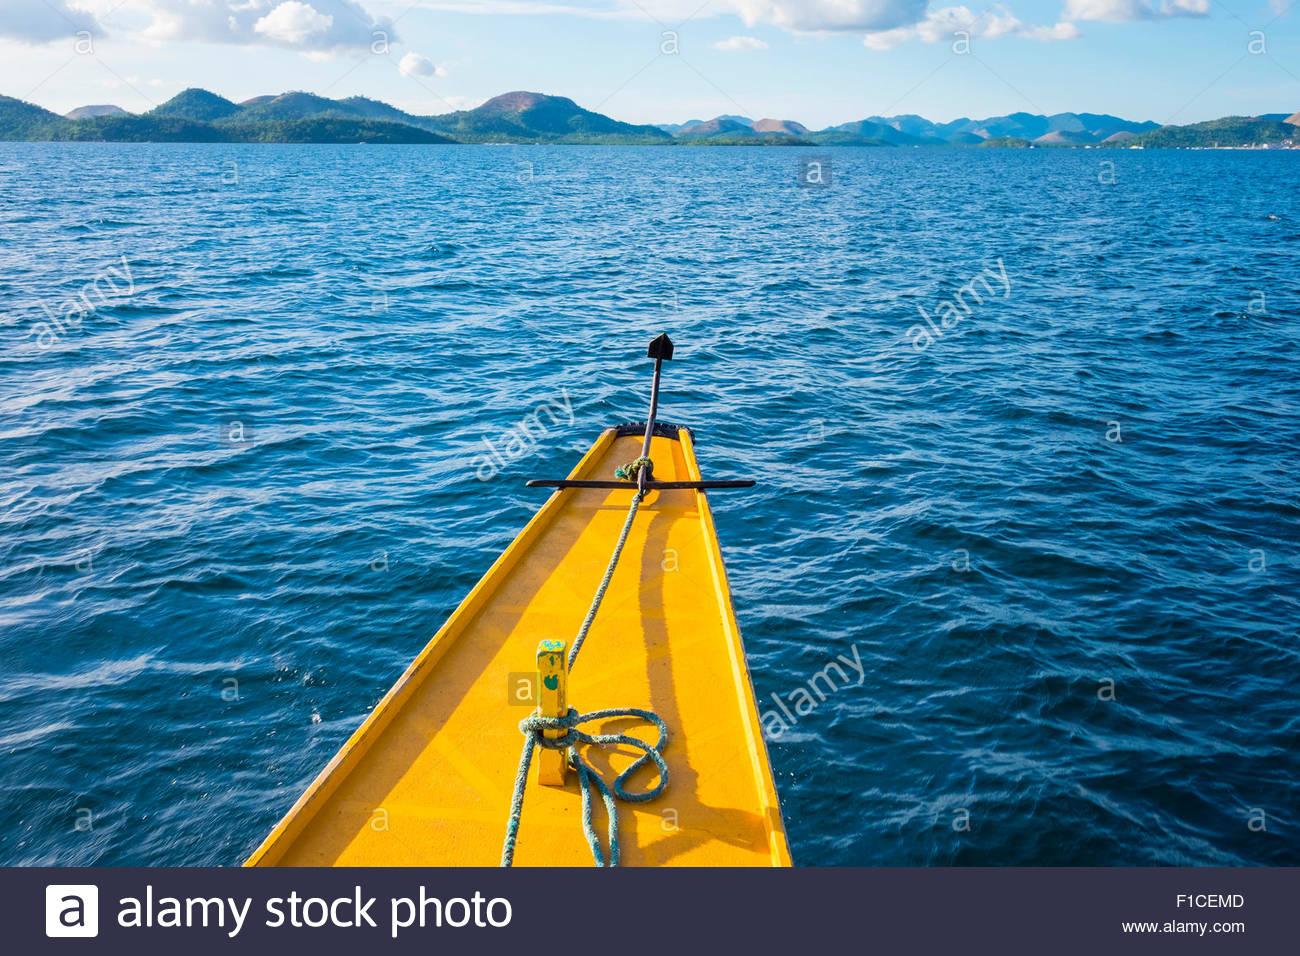 Proa de un barco de Outrigger en agua azul, Coron, Palawan, Filipinas Imagen De Stock